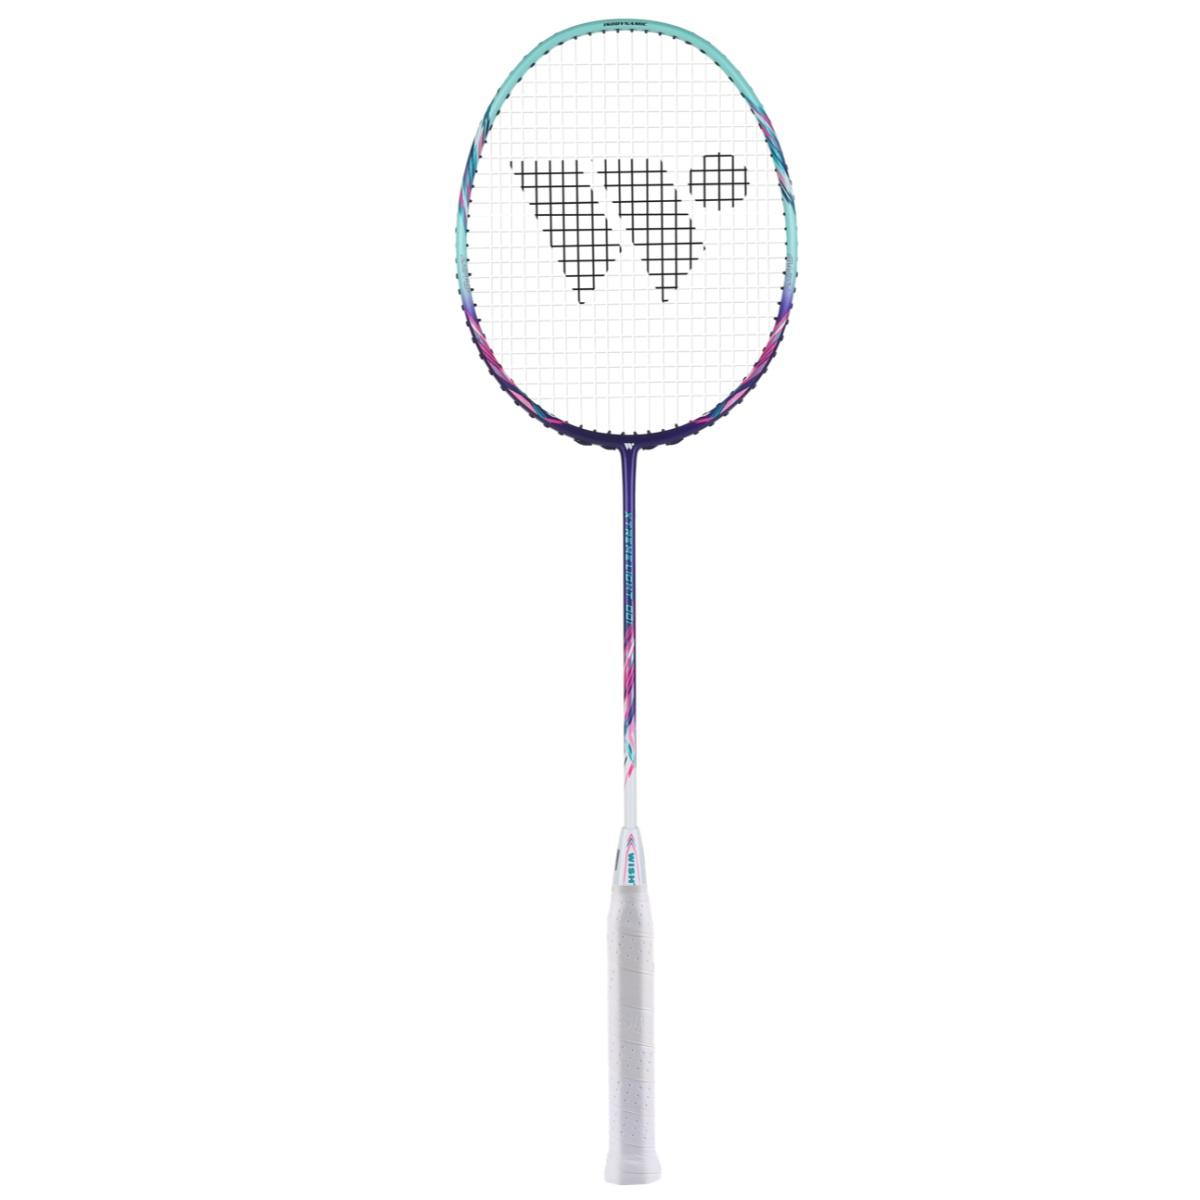 Badmintonová raketa WISH Xtreme Light 001 Lady